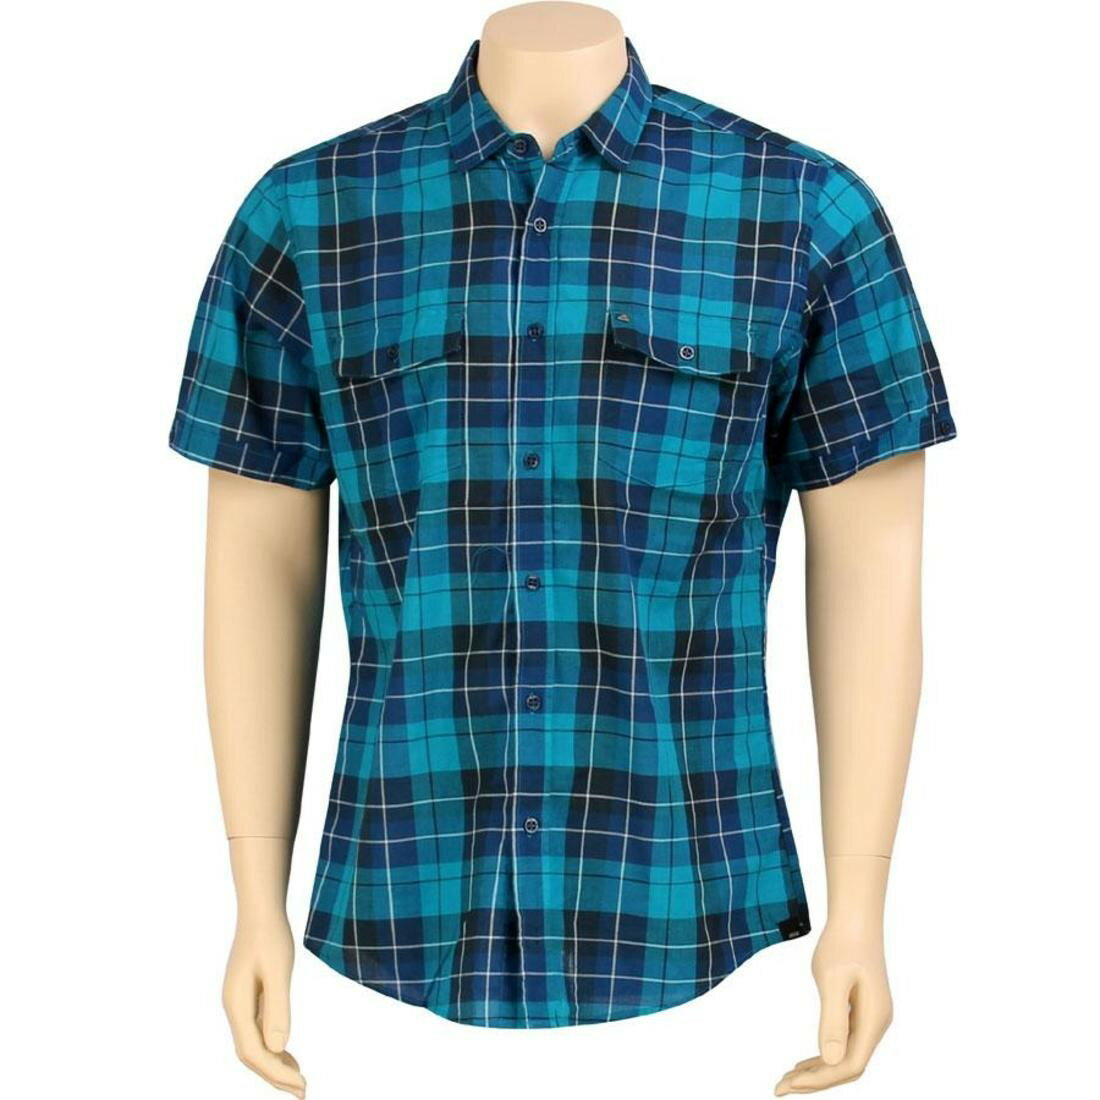 ショーツ シャツ スリーブ ハーフパンツ kr3w lowell short sleeve shirt blue レディースファッション ユニセックスウエア